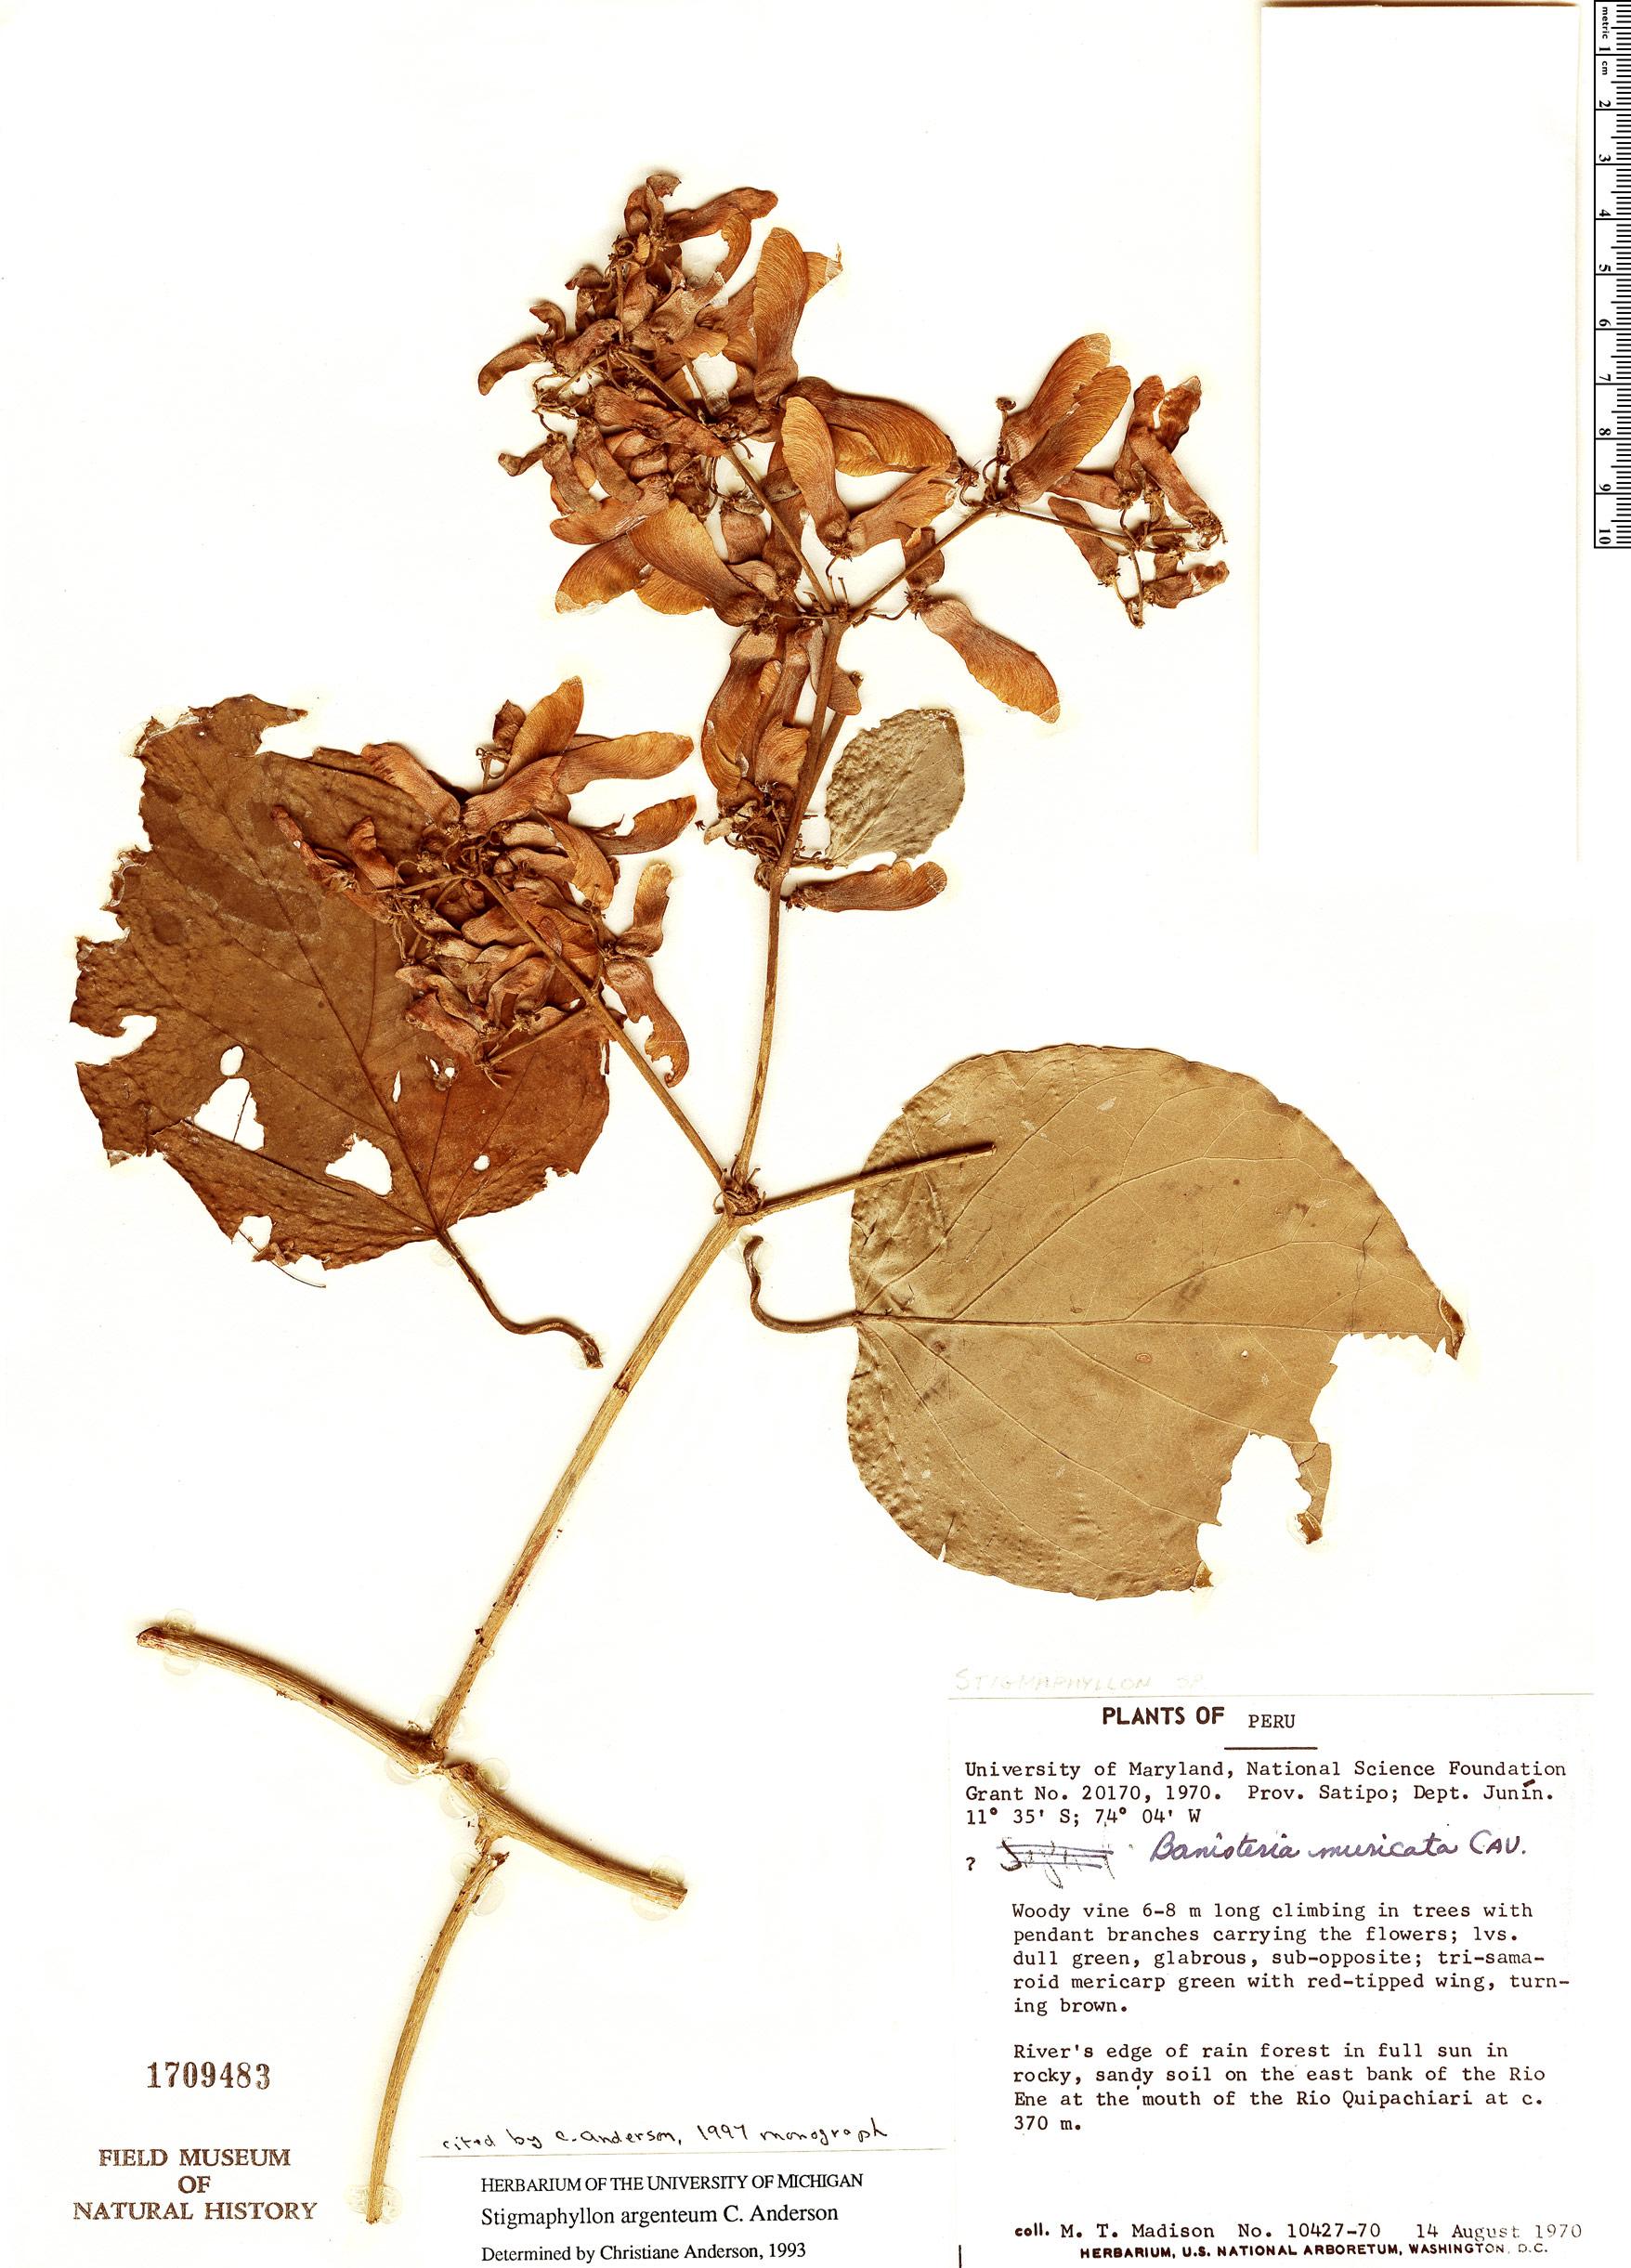 Espécimen: Stigmaphyllon argenteum